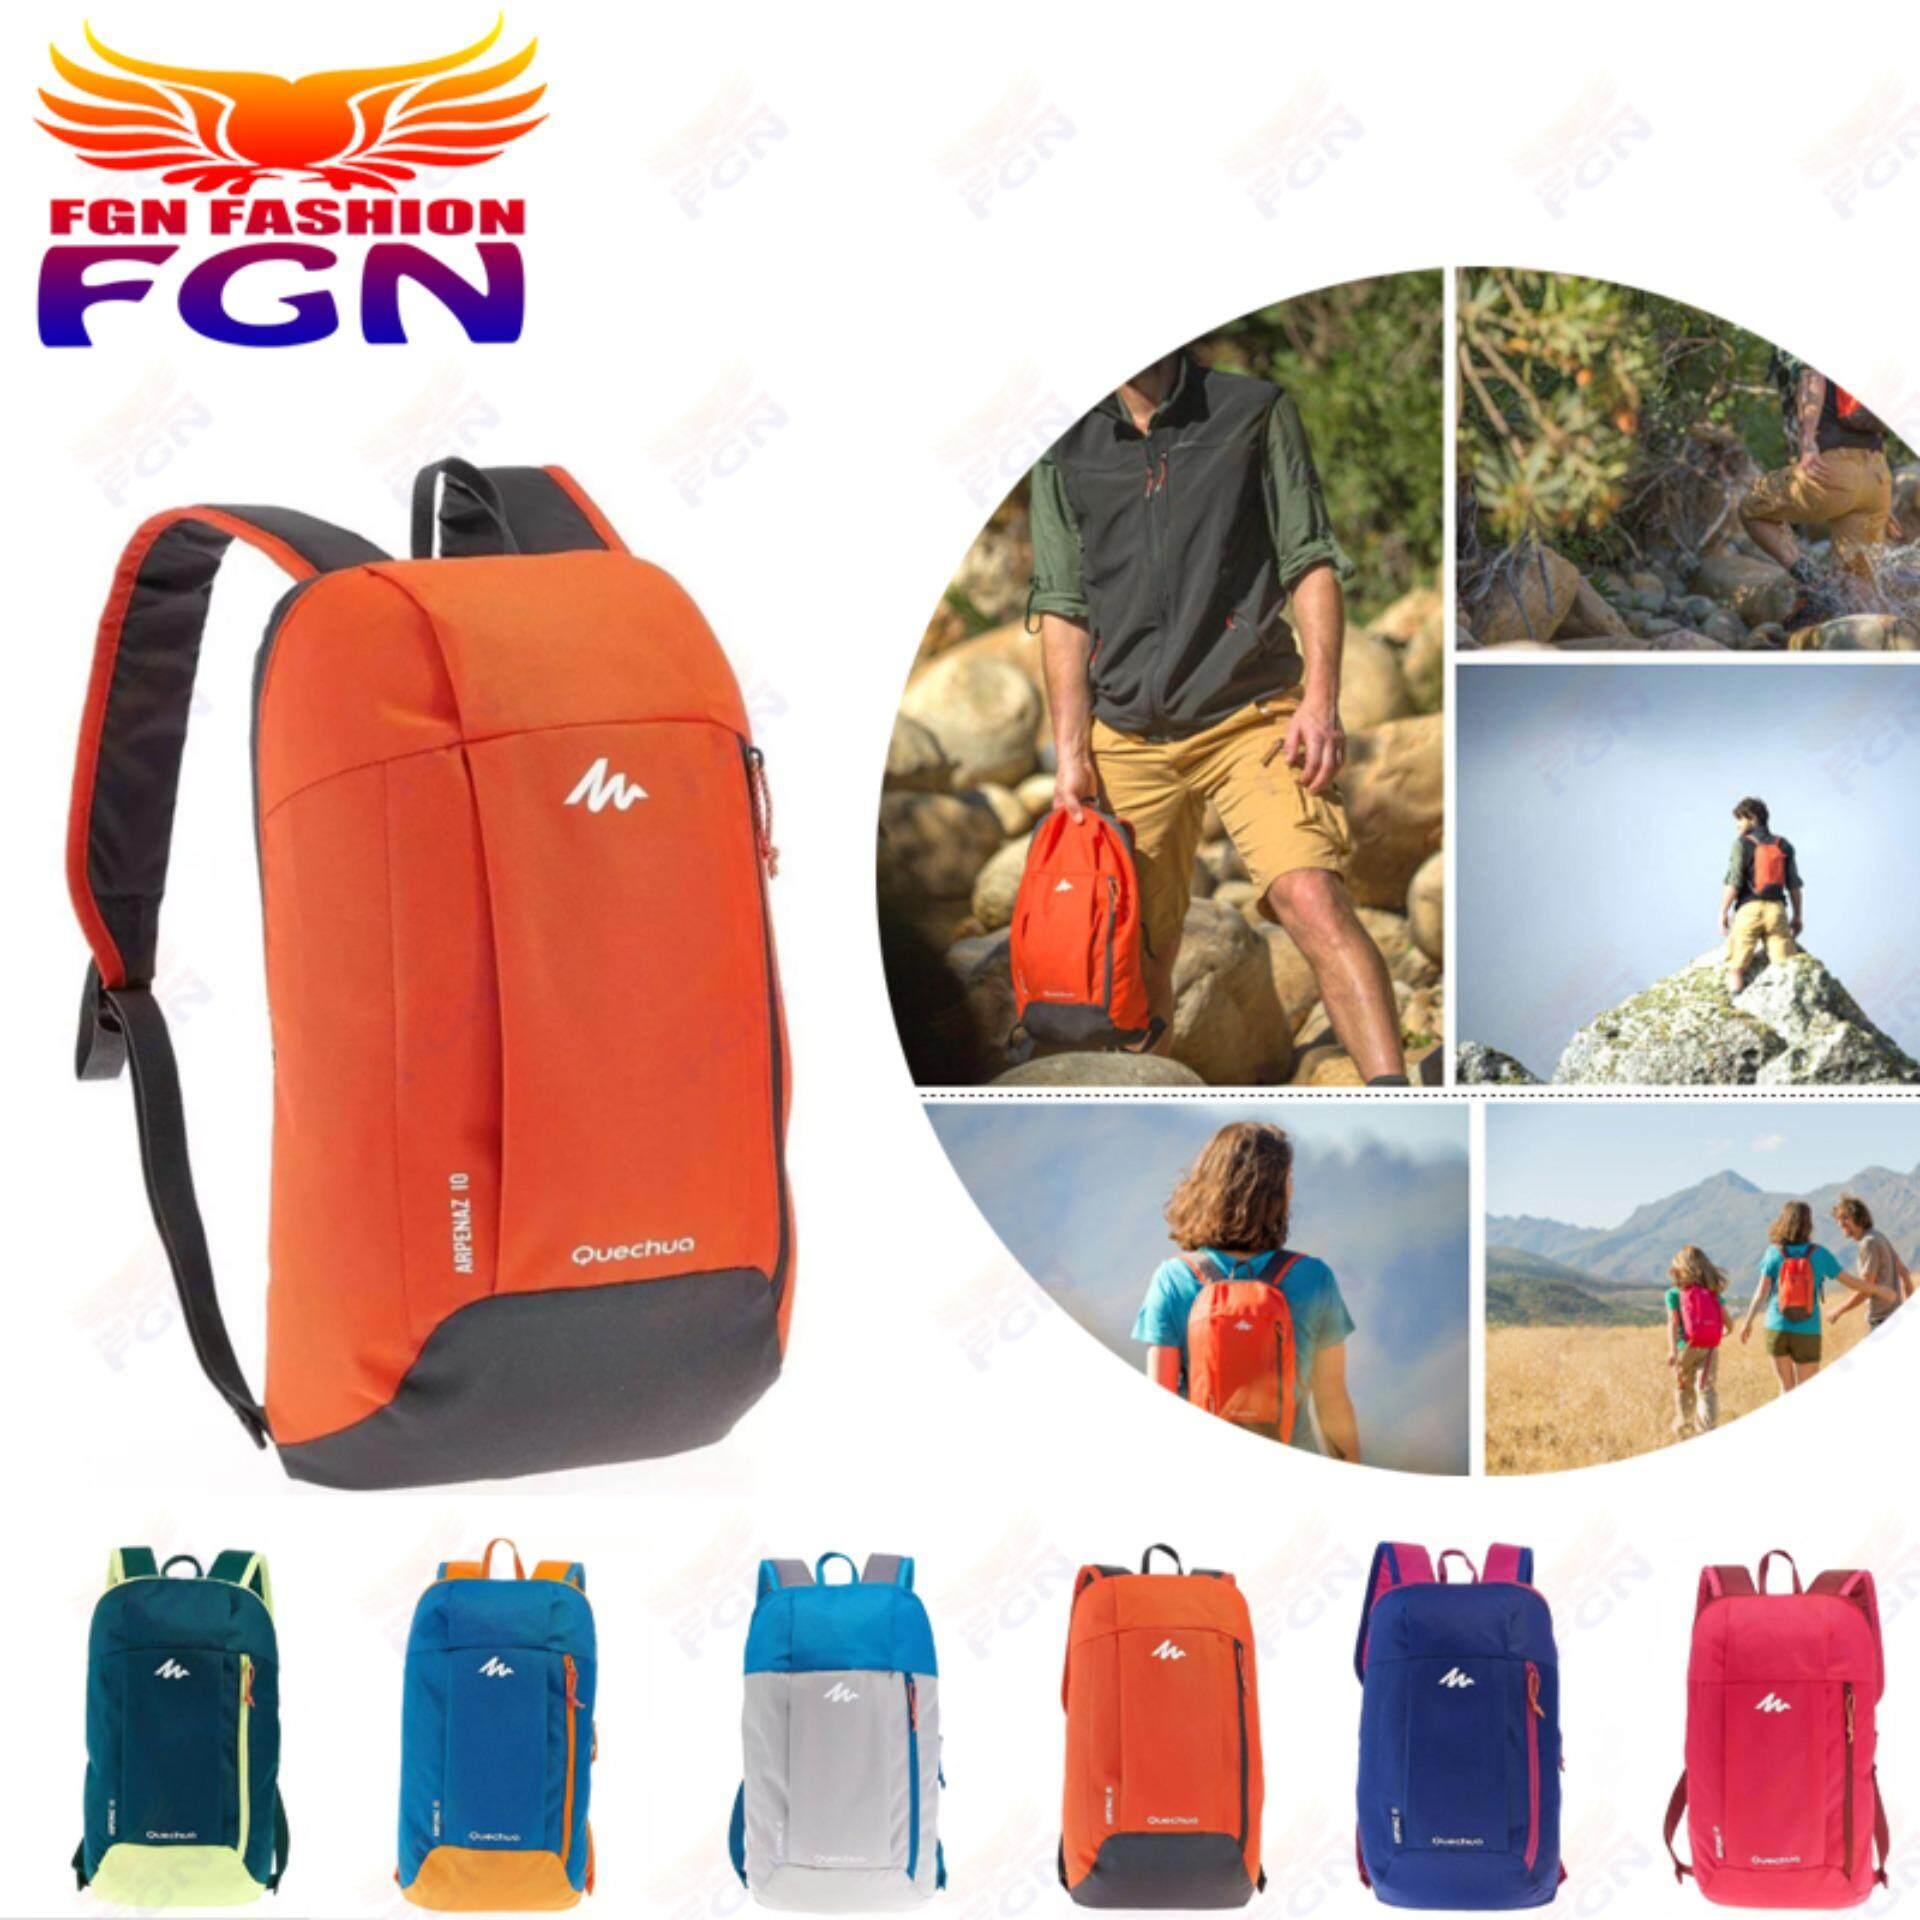 กระเป๋าถือ นักเรียน ผู้หญิง วัยรุ่น ชลบุรี FGN รุ่นใหม่ แบบออกกำลัง Backpack กระเป๋าเป้เบ็ดตเล็ด กระเป๋าเป้ท่องเที่ยว  Fashion Bag(สีส้ม)FGN 079